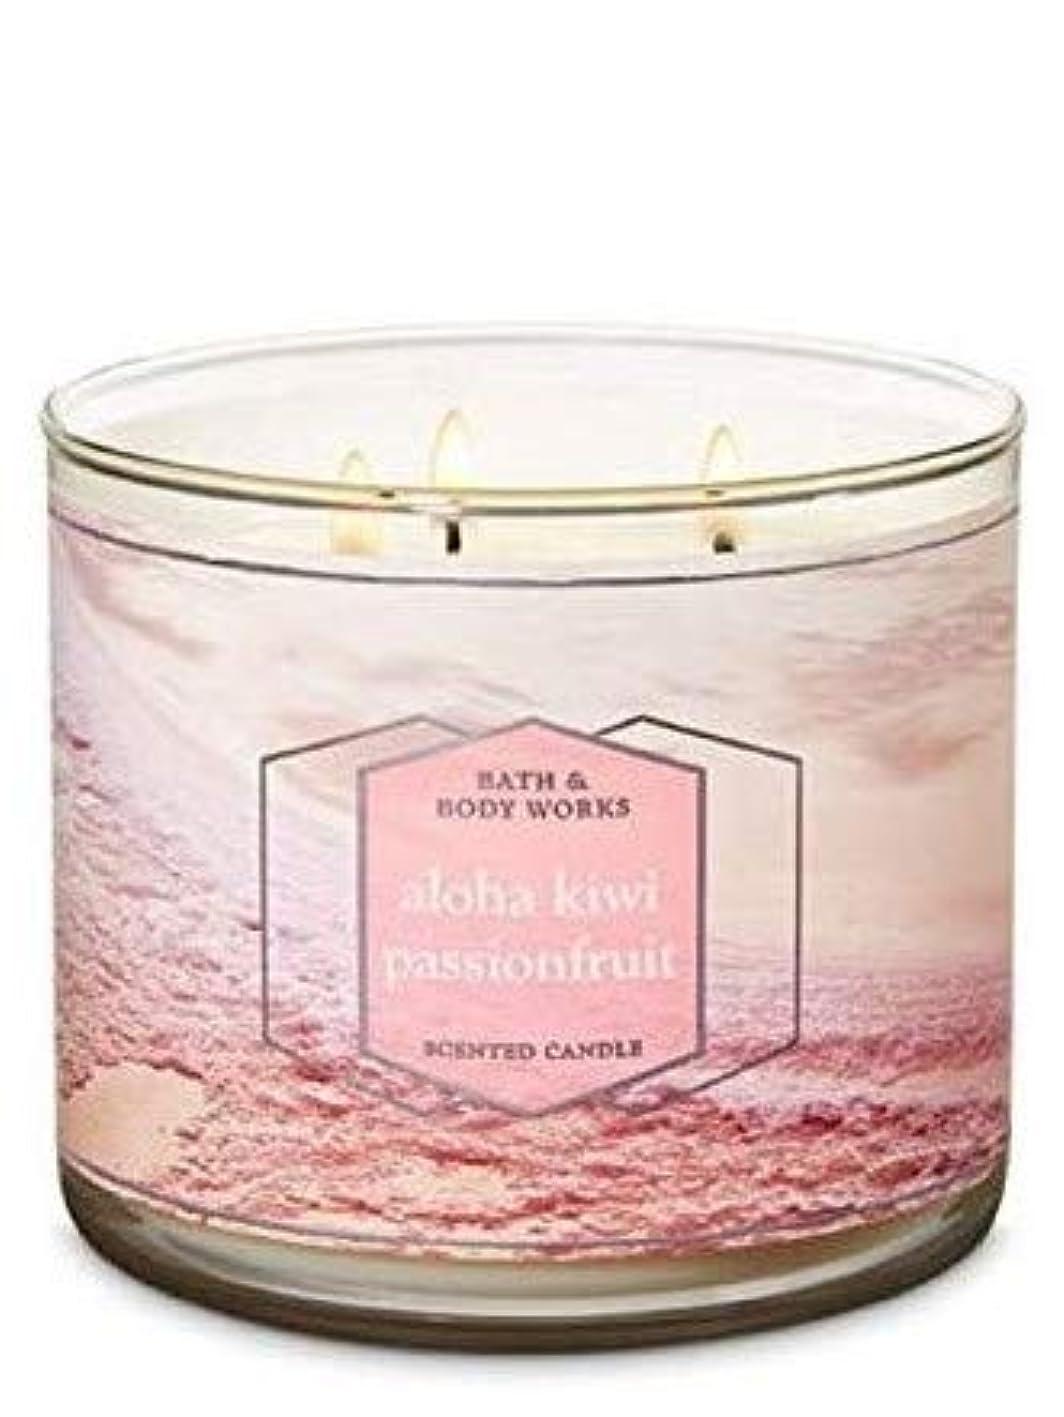 弓知的曲線【Bath&Body Works/バス&ボディワークス】 アロマキャンドル アロハキウイパッションフルーツ 3-Wick Scented Candle Aloha Kiwi Passionfruit 14.5oz/411g...